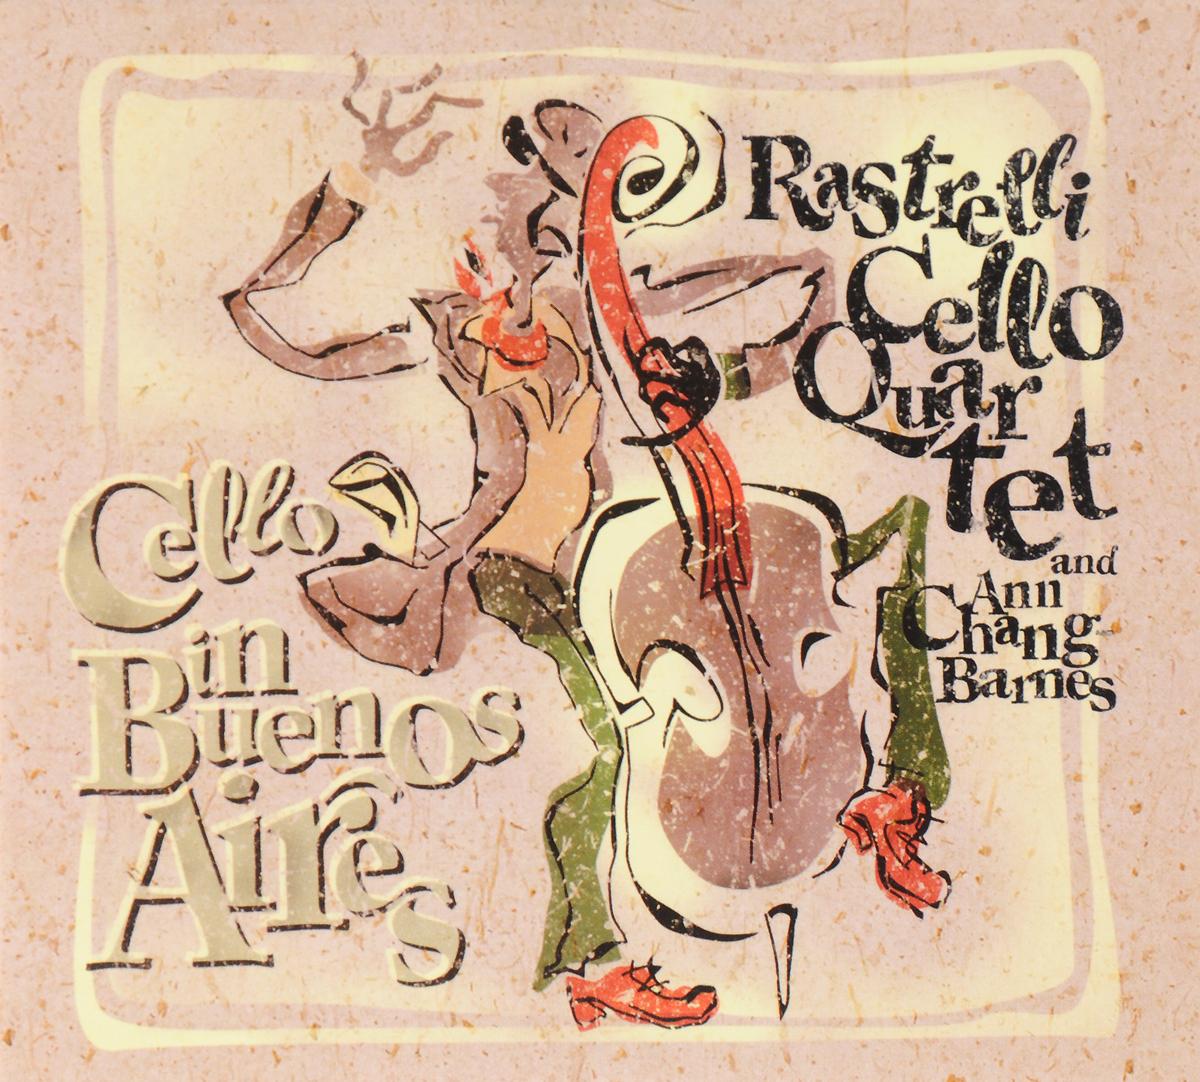 Rastrelli Cello Quartet Rastrelli Cello Quartet. Cello In Buenos Aires cuarteto de nos buenos aires